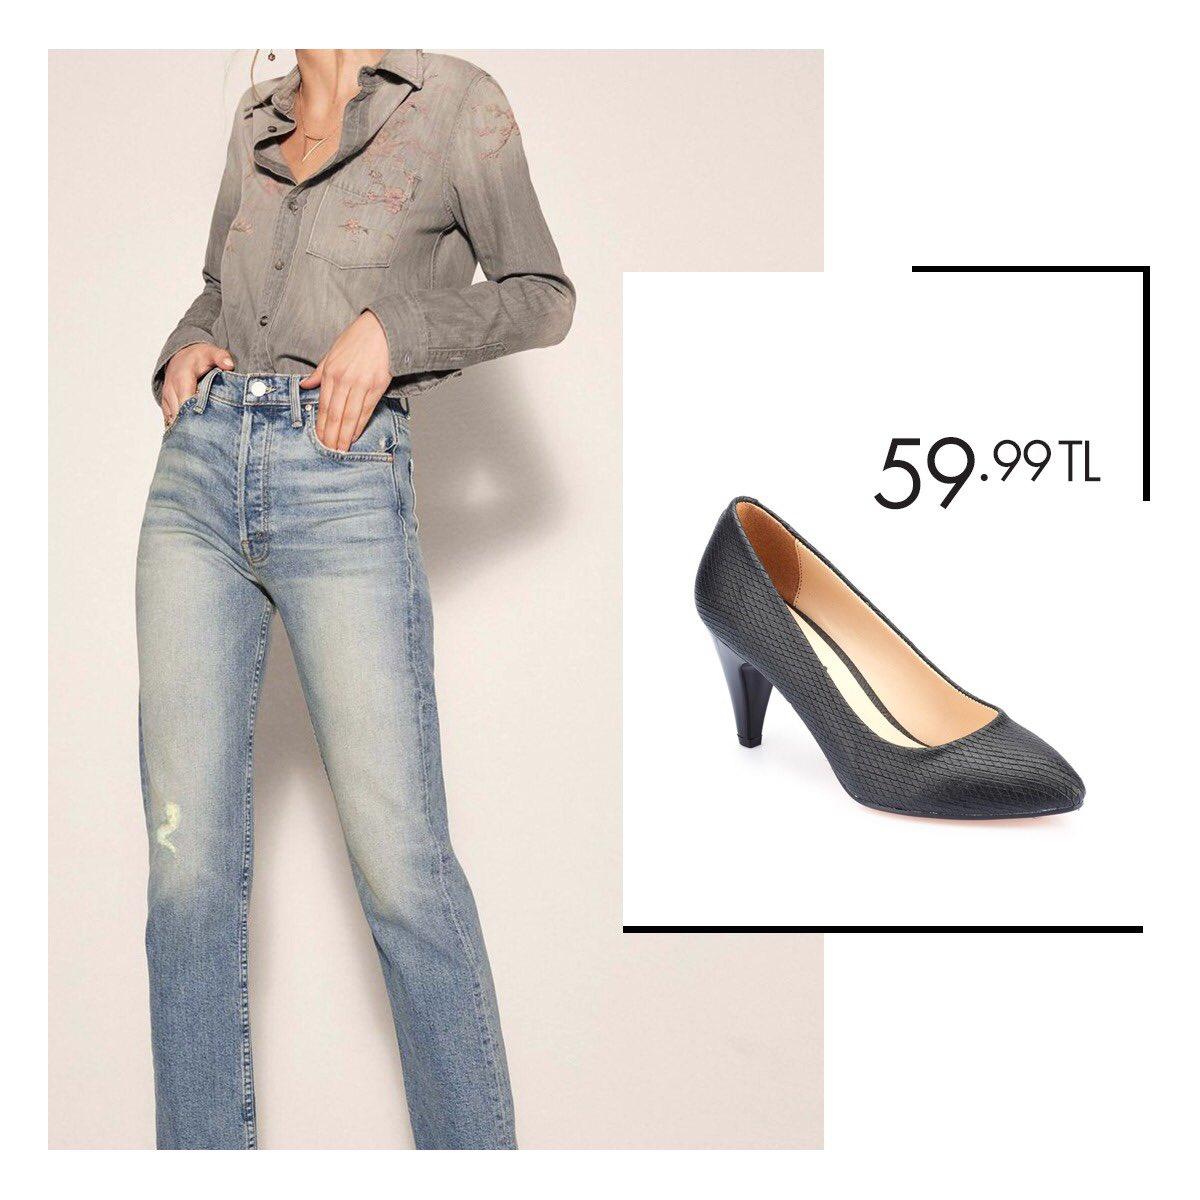 Hem günlük hem gece kullanımı için uygun topuklu ayakkabı modelleri Polaris'te! Siyah Kadın Ayakkabı 36-40 Numara 59,99 TL 🔎 100320640 http://bit.ly/2COiNsC